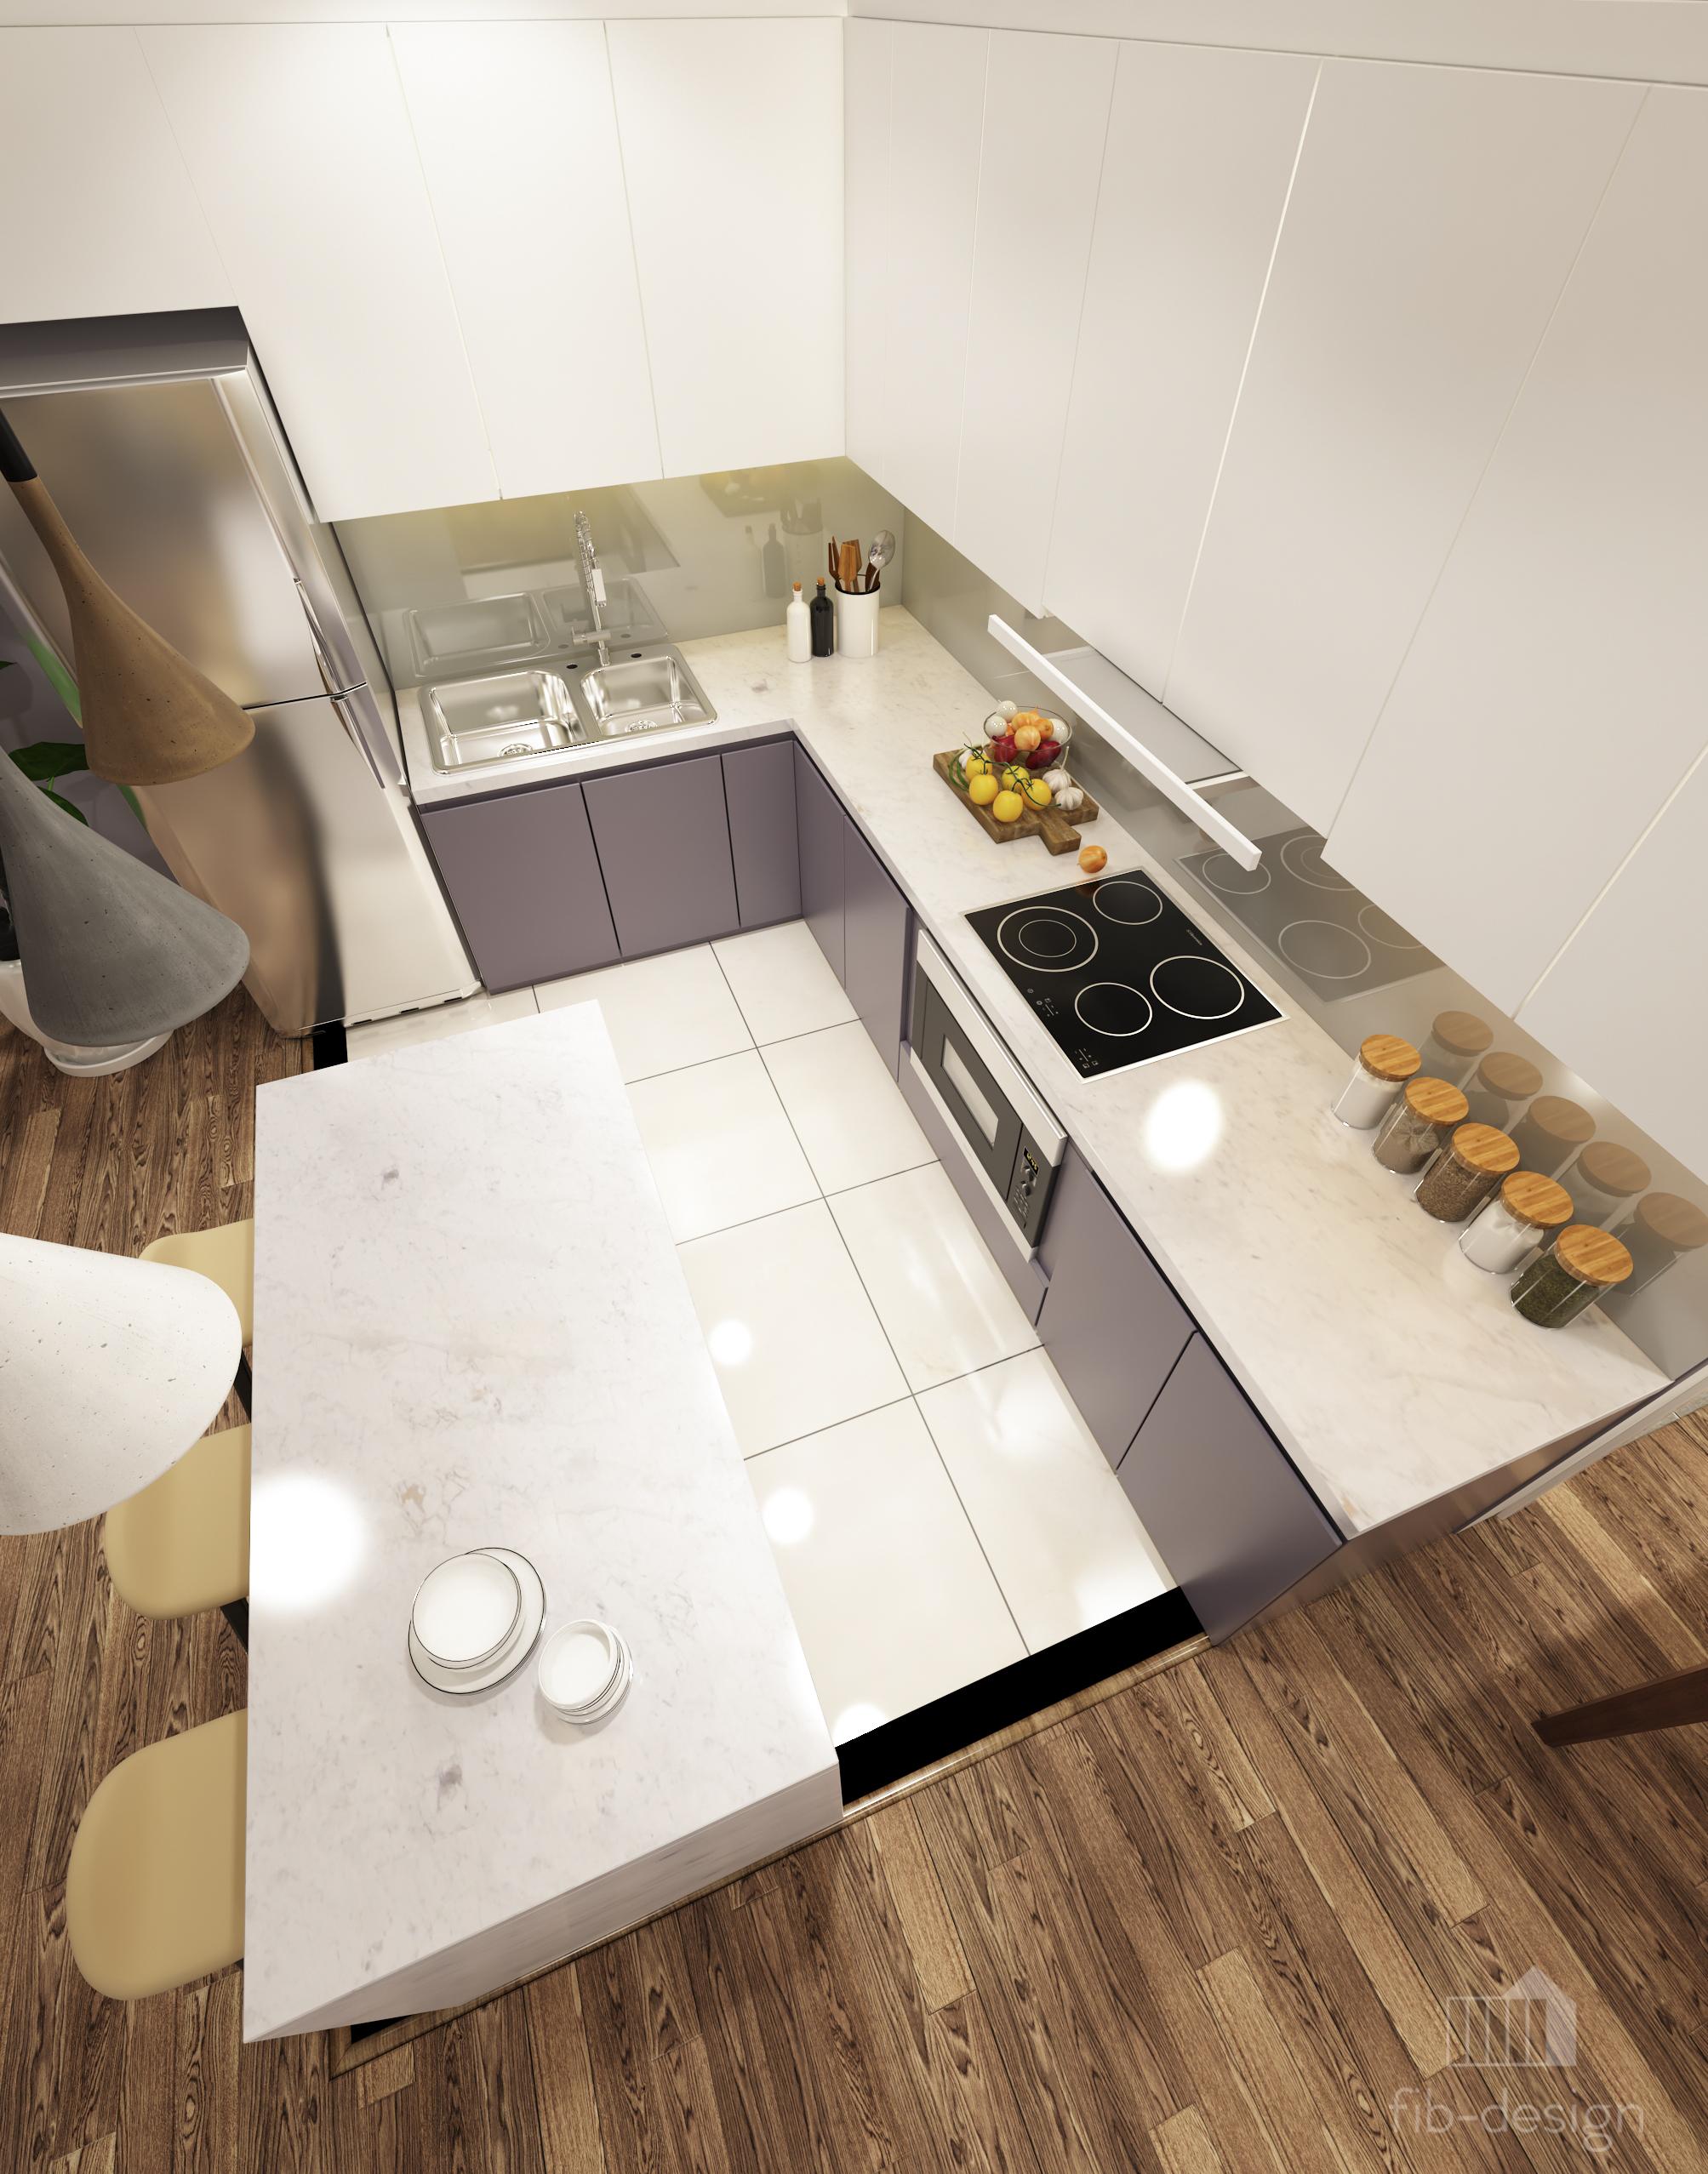 thiết kế nội thất chung cư tại Hà Nội P714 Chung cư GOLDSiLK 6 1544083451